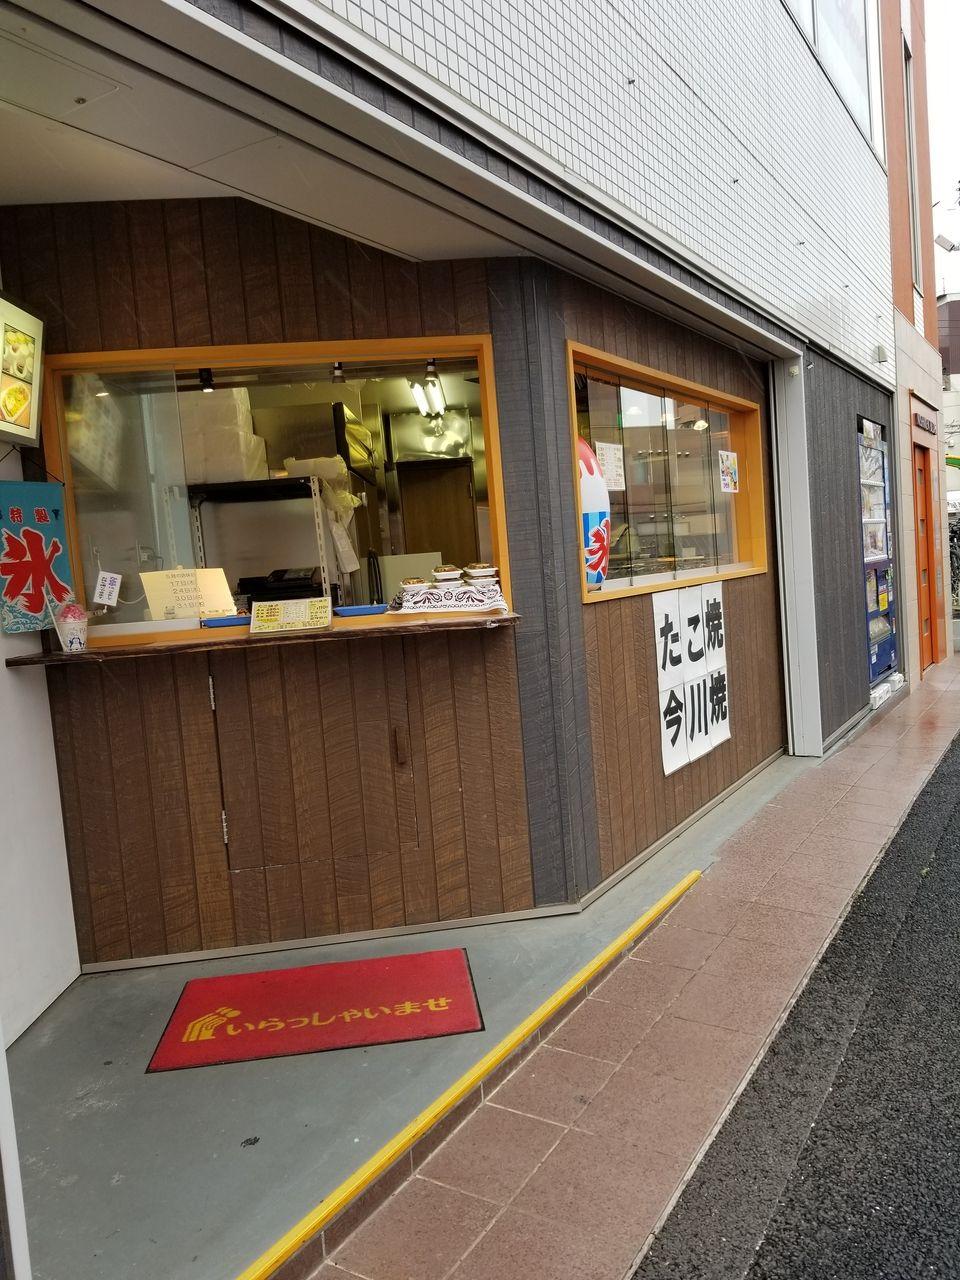 小さなお店なので気軽に立ち寄れます。